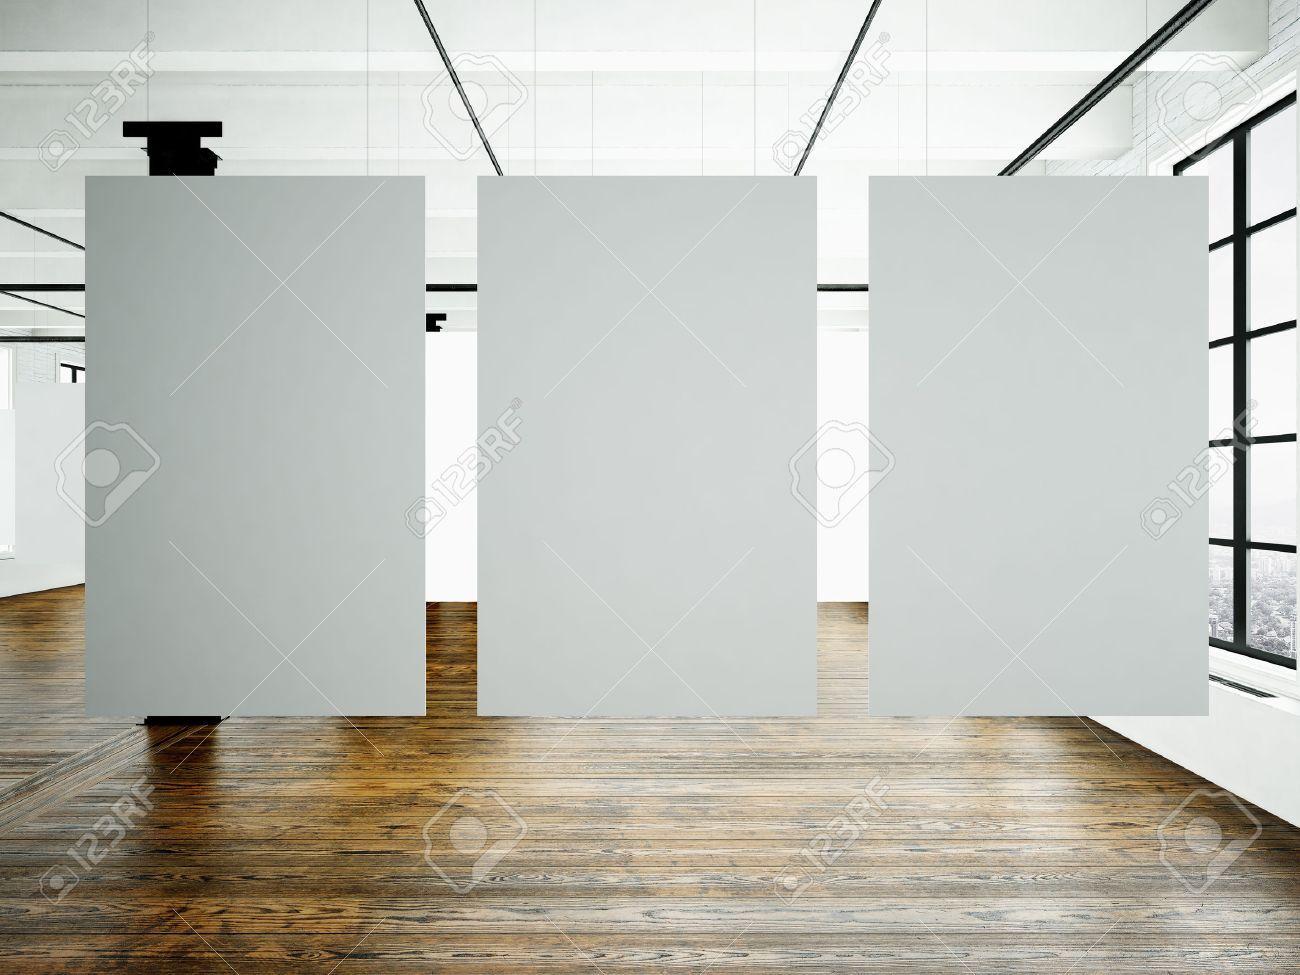 Foto Von Museum Interieur Im Modernen Building.Open Raum Studio ...